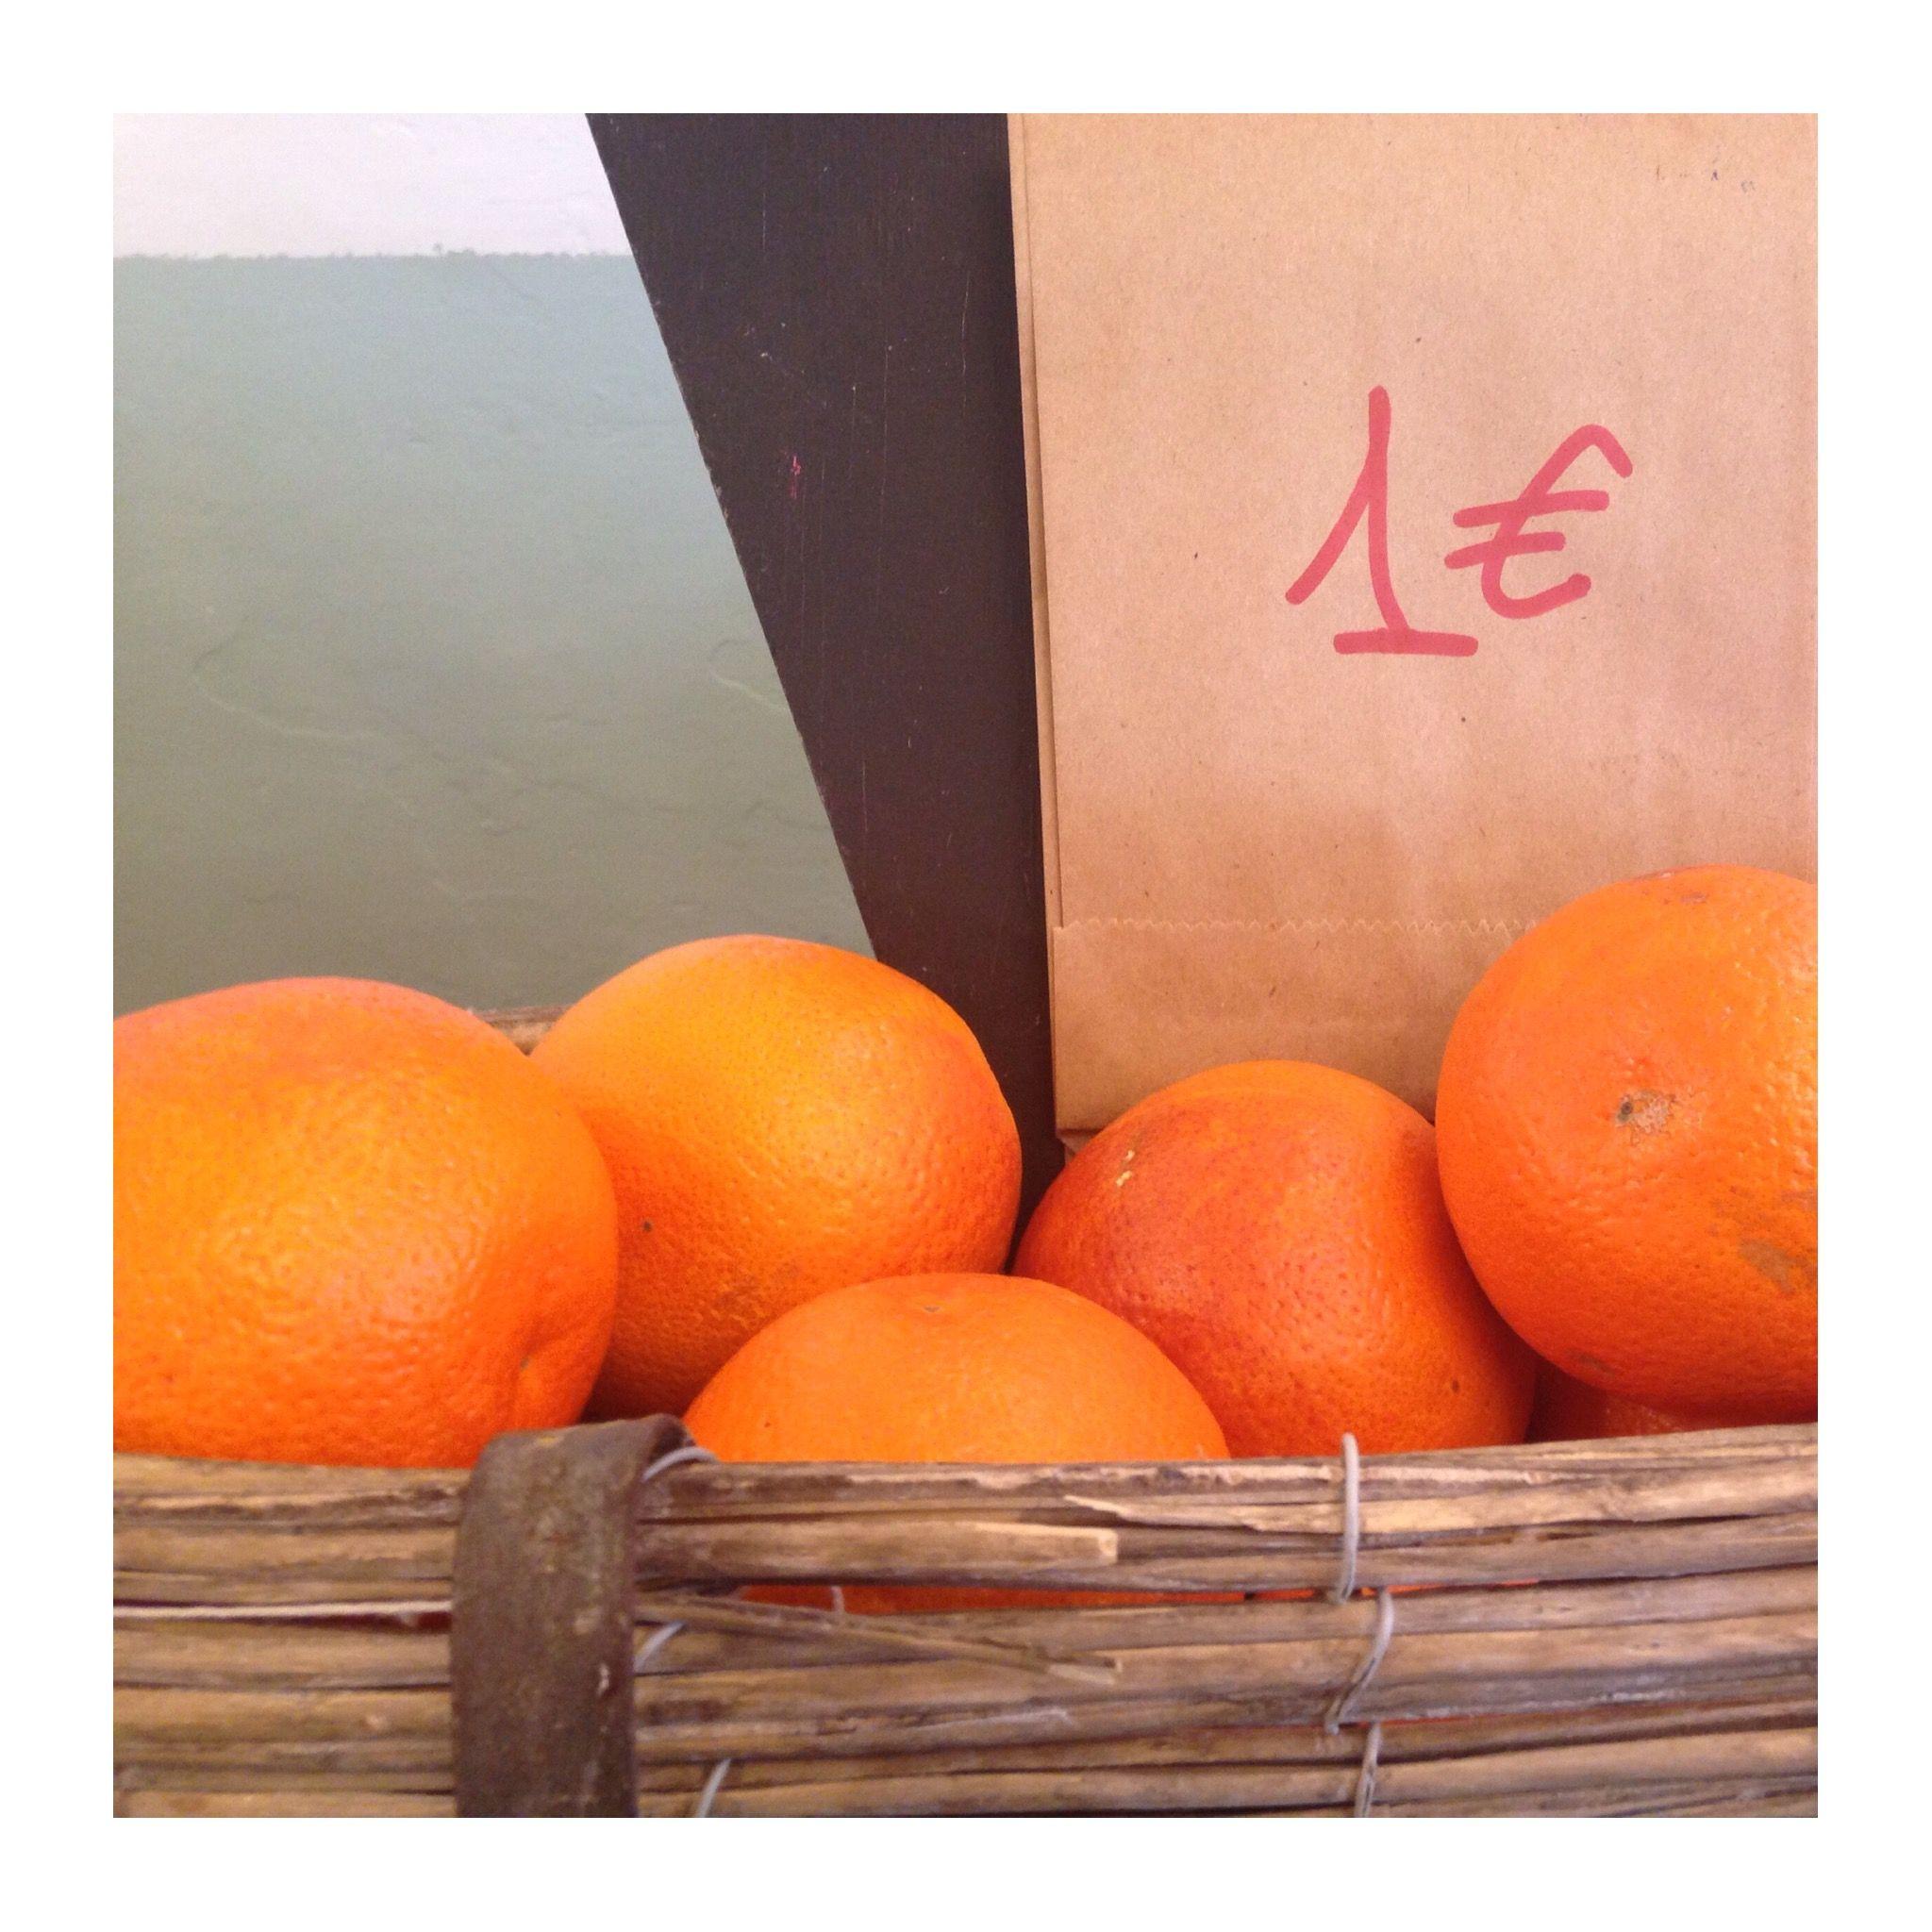 Da noi puoi passare anche solo per un #frutto! 1£ :)